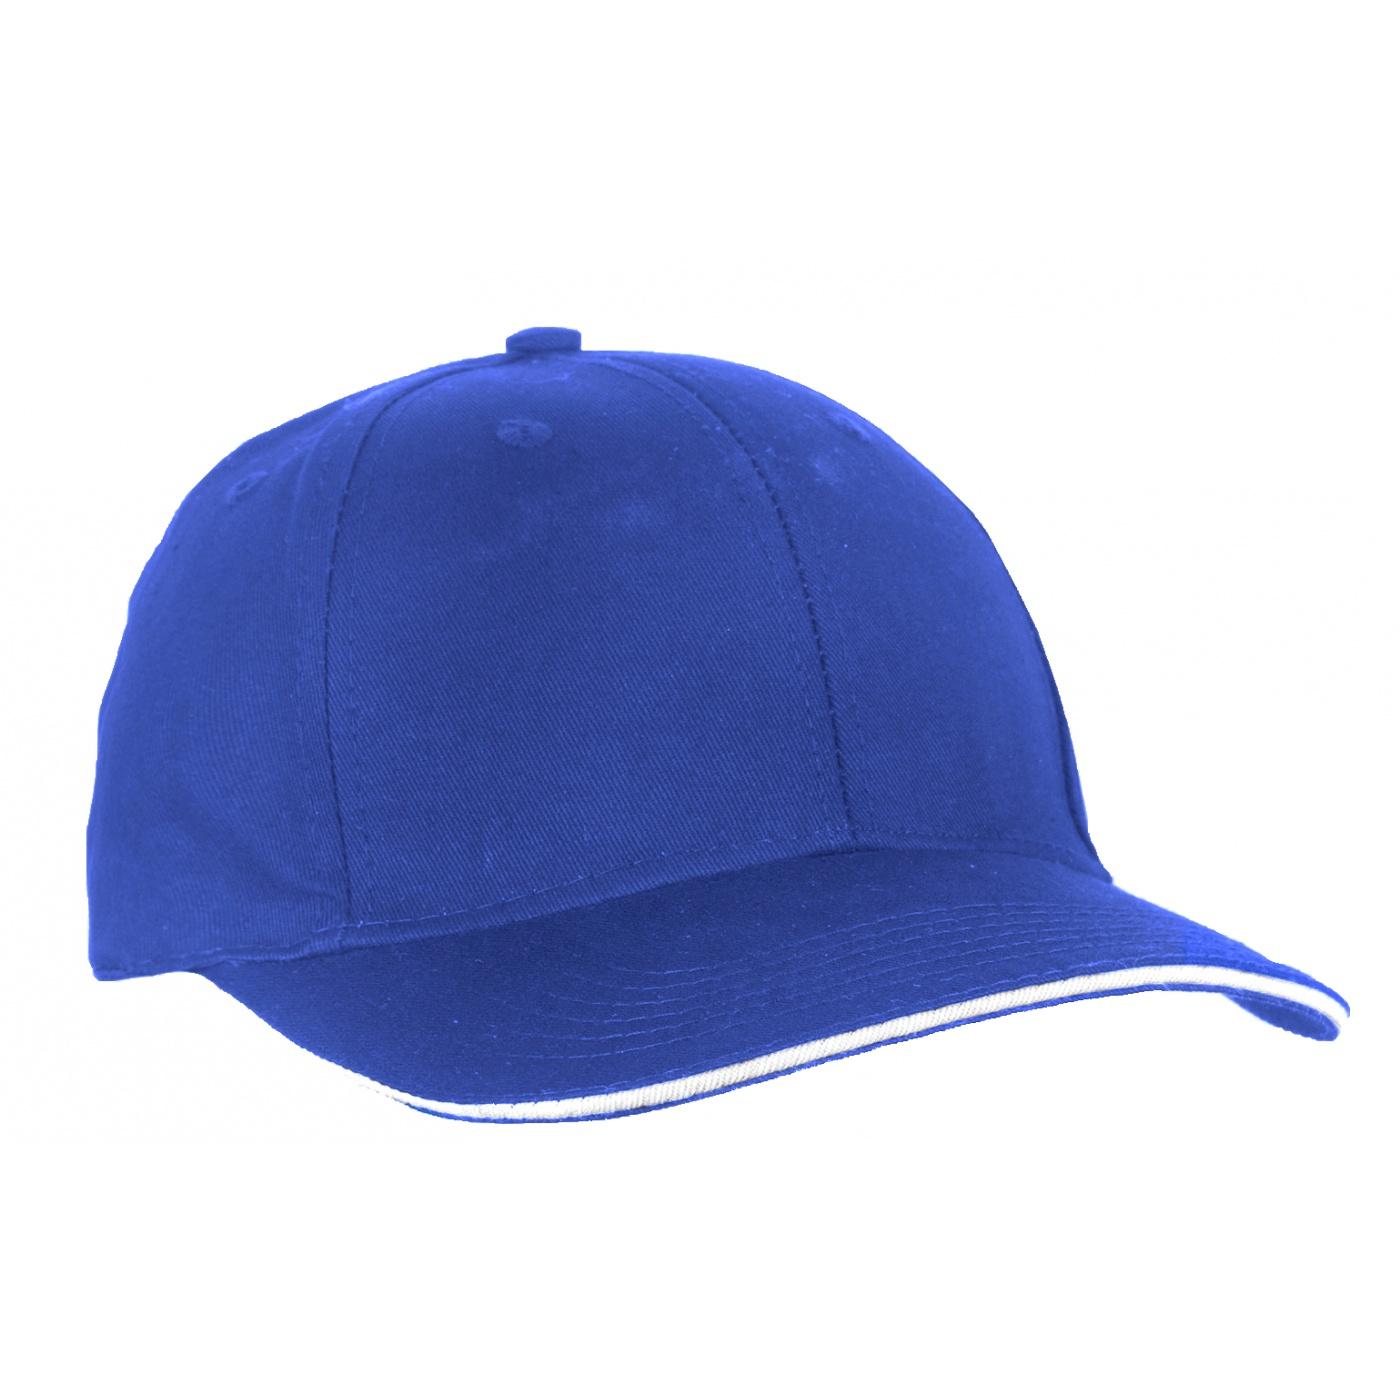 Czapka z daszkiem bejsbolówka – niebieski z białym akcentem w daszku